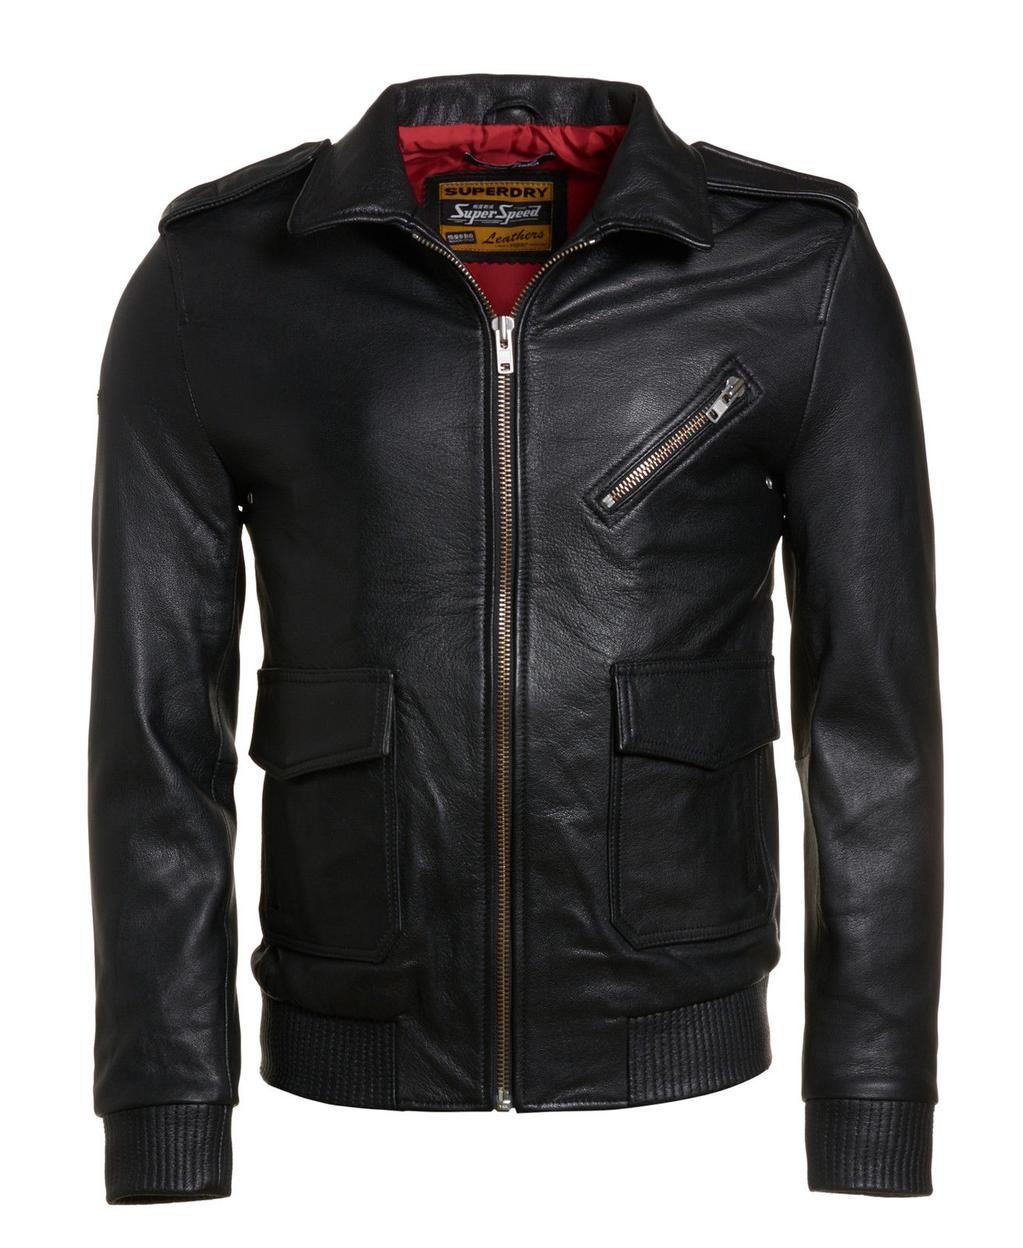 Mens Bargains UK on Leather jacket, Jackets, Best mens